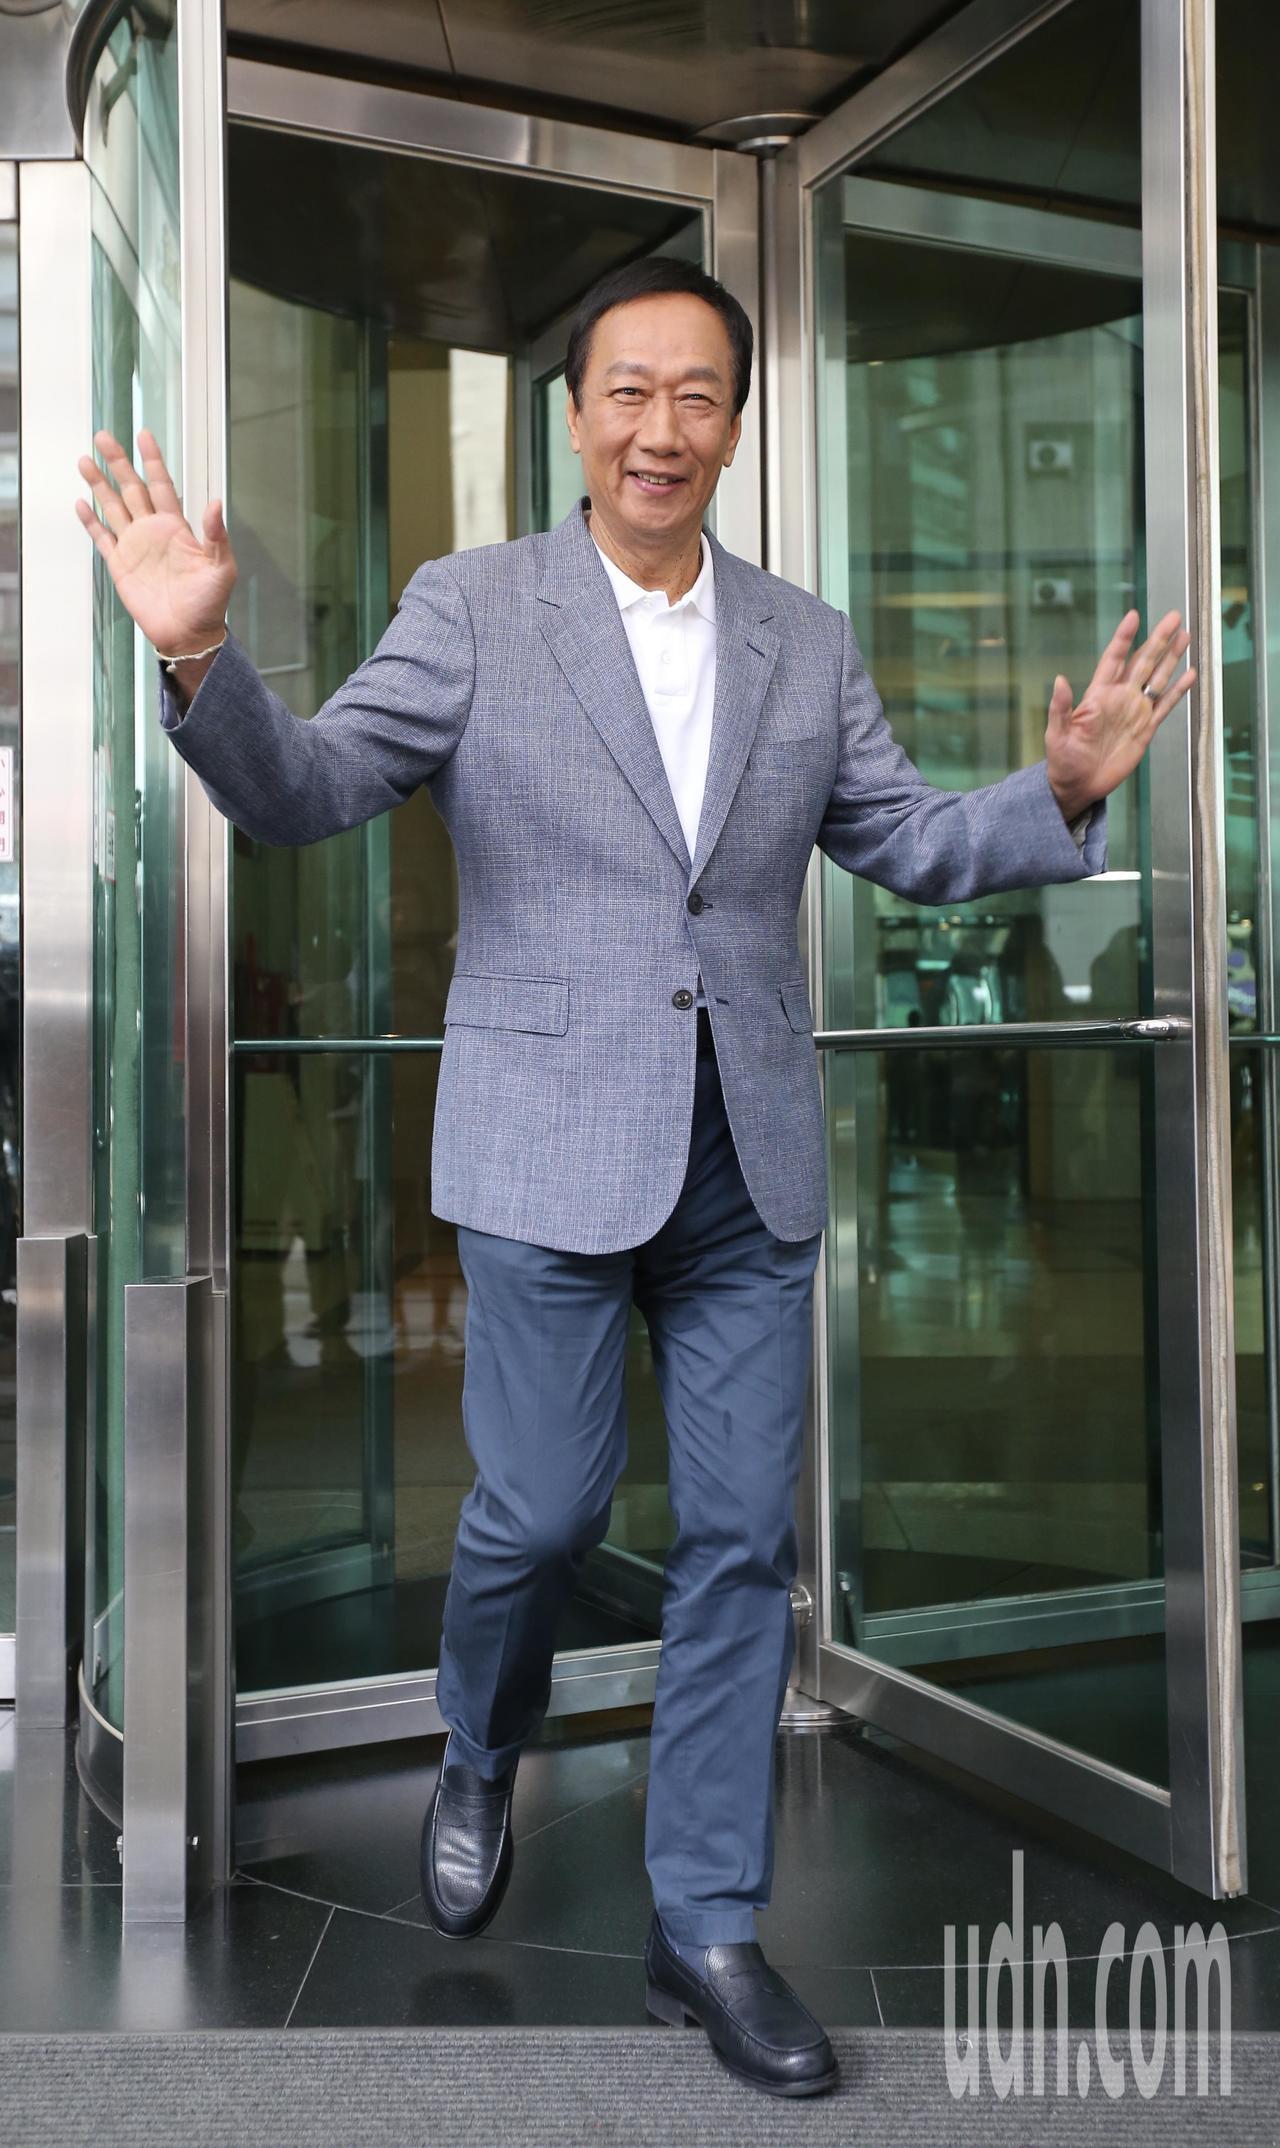 國民黨內總統初選參選人郭台銘上午接受網絡媒體專訪,結束後他步出大樓,接受在外等候...